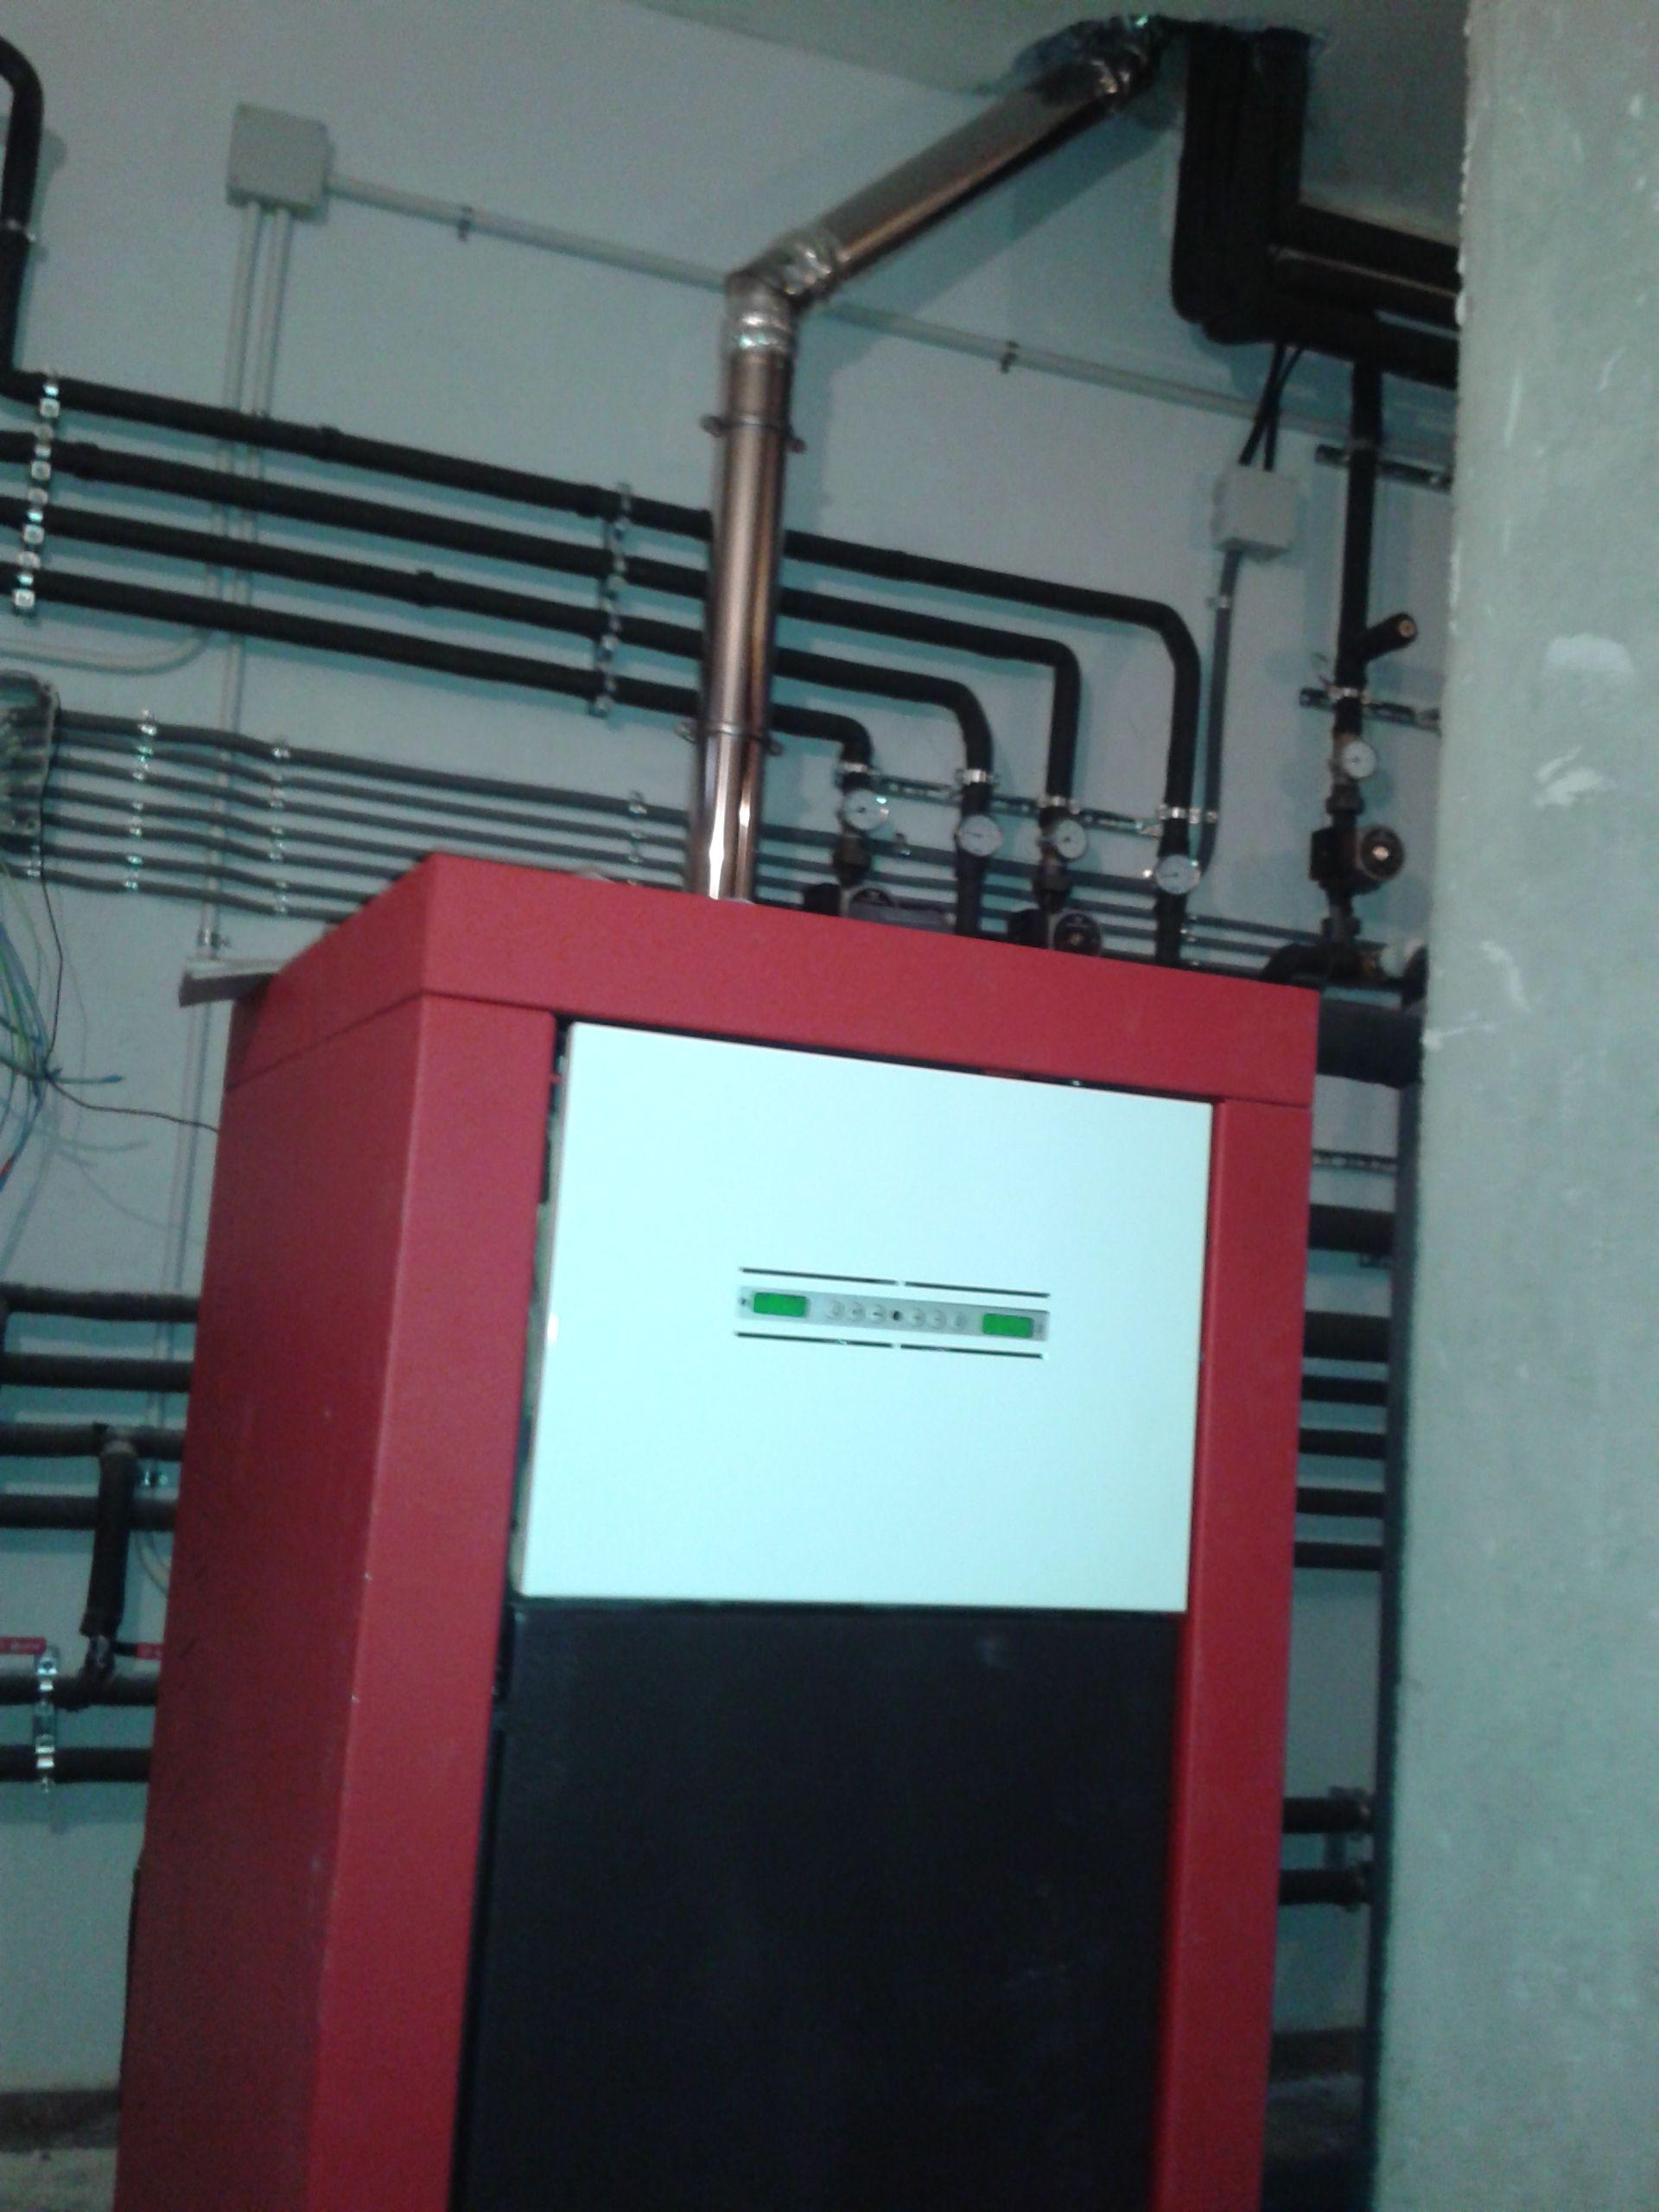 Caldera de pellet edilkamin basic para radiadores y agua caliente instalaciones con edilkamin - Caldera pellets agua y calefaccion ...